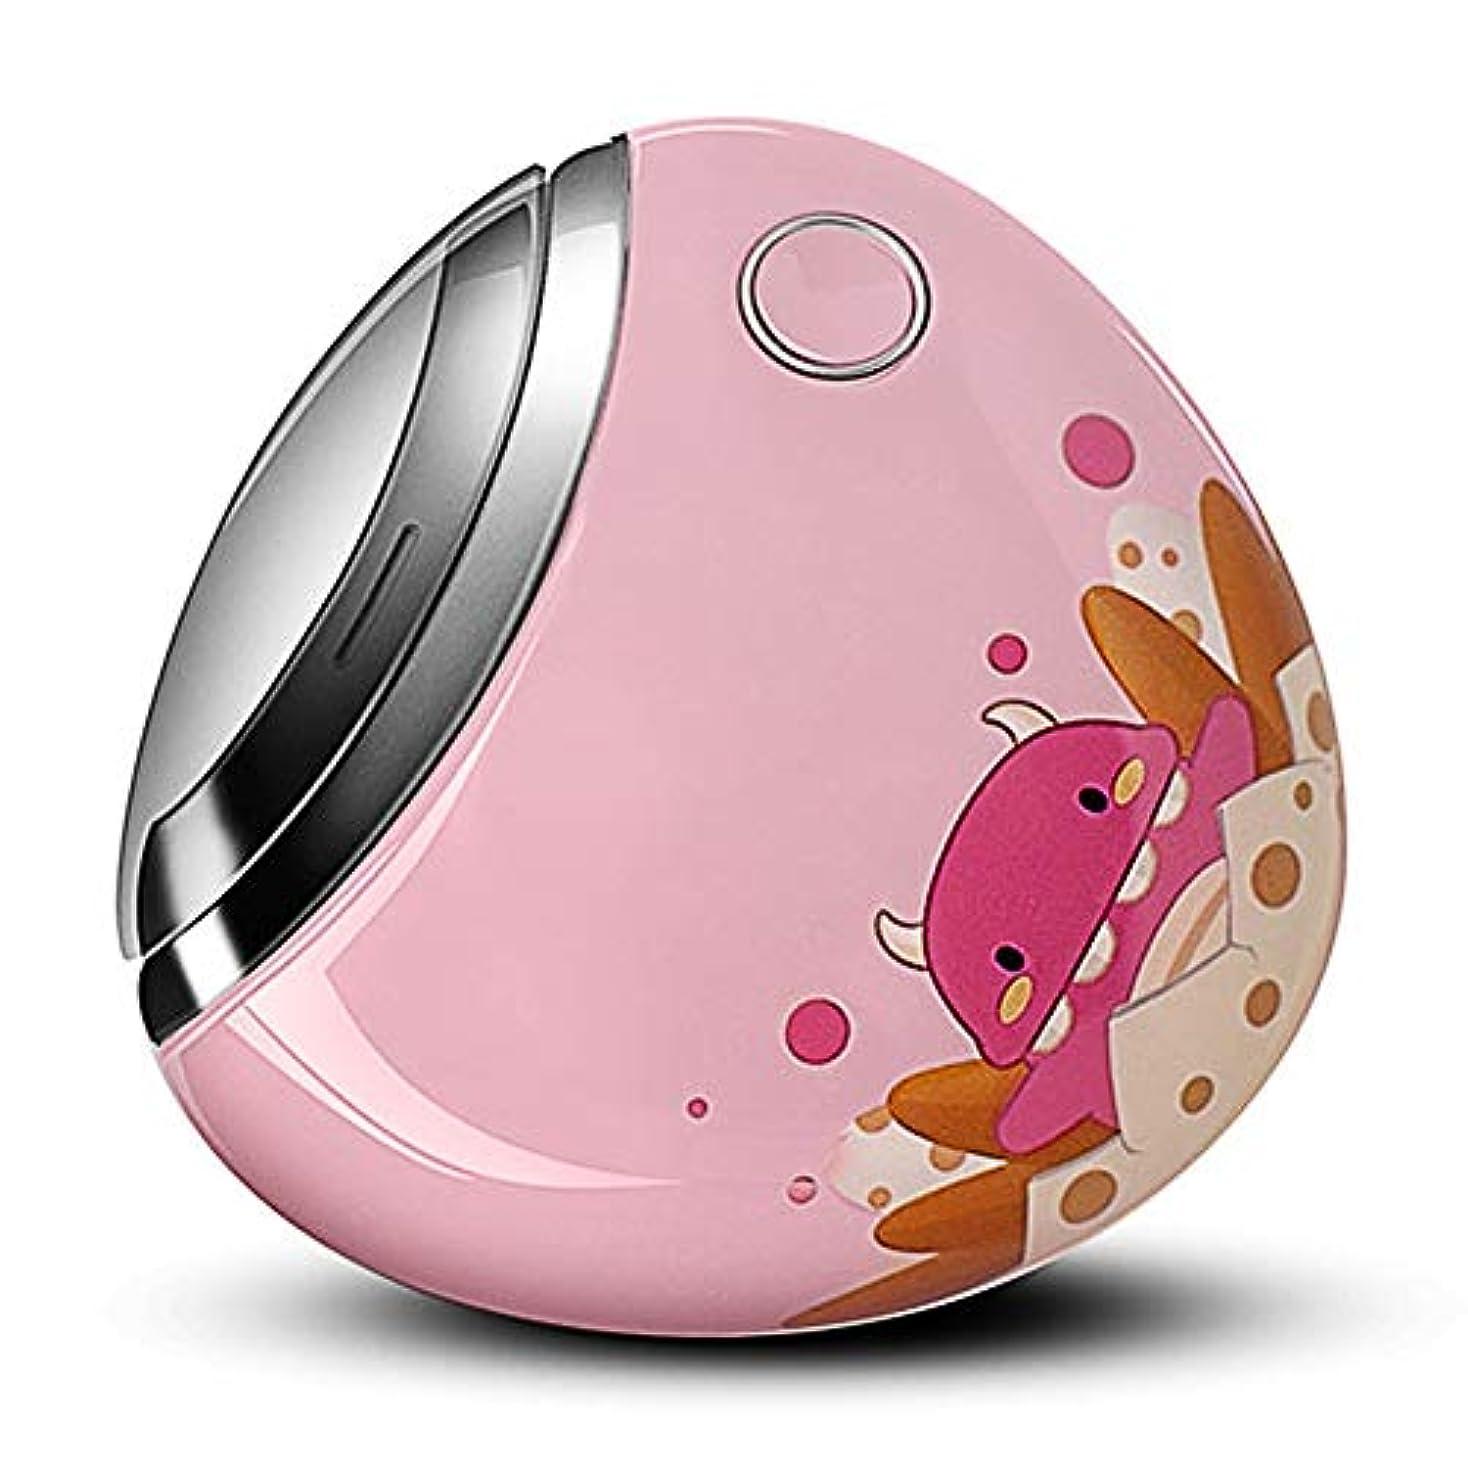 スナックかんがい終了しました新生児の特別な爪切り電気ネイルポリッシャー爪切りクリッパー肉爪切り,ピンク